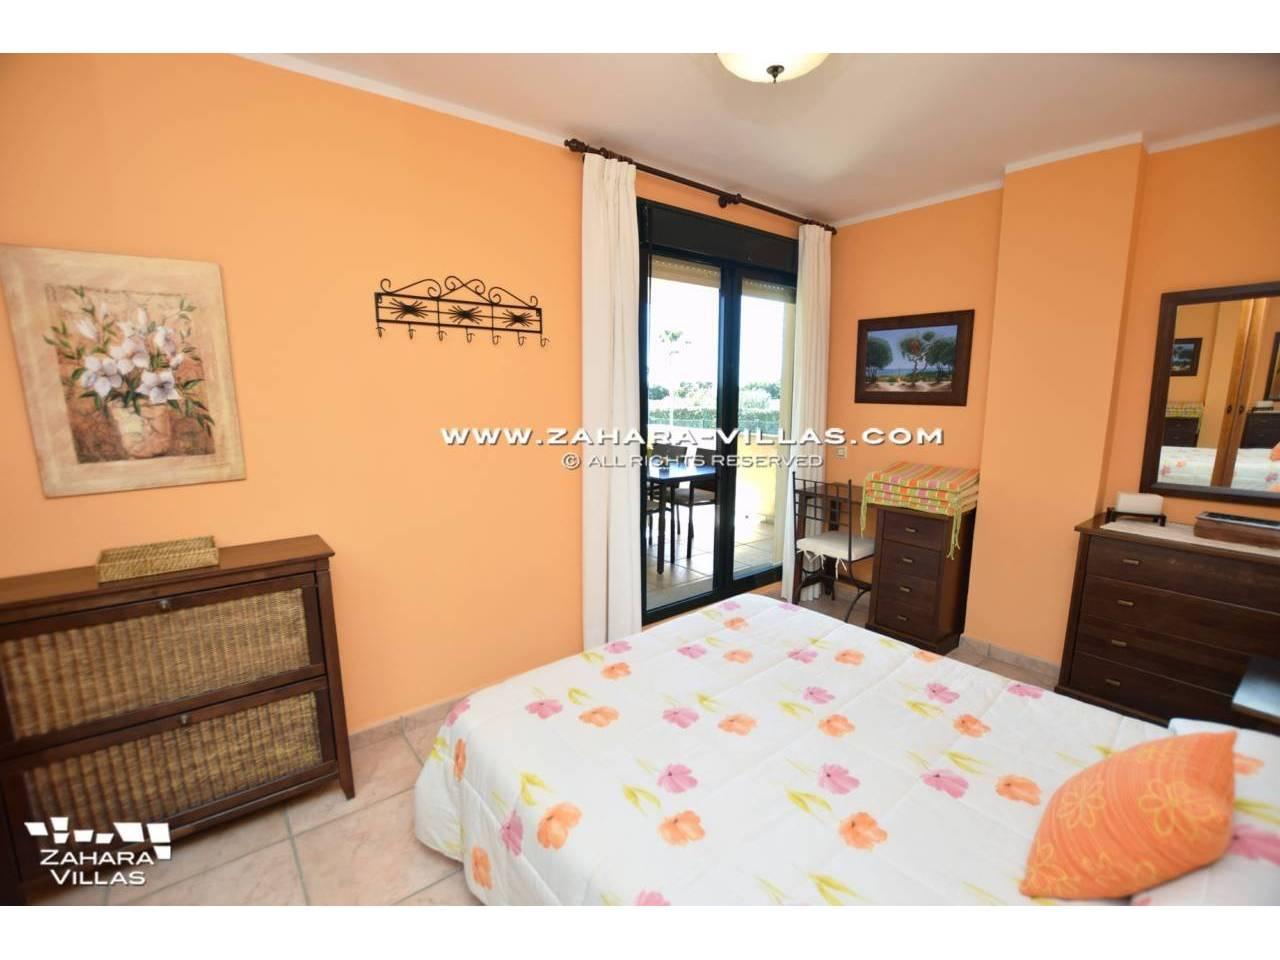 Imagen 19 de Apartamento en venta en urbanización Jardines de Zahara